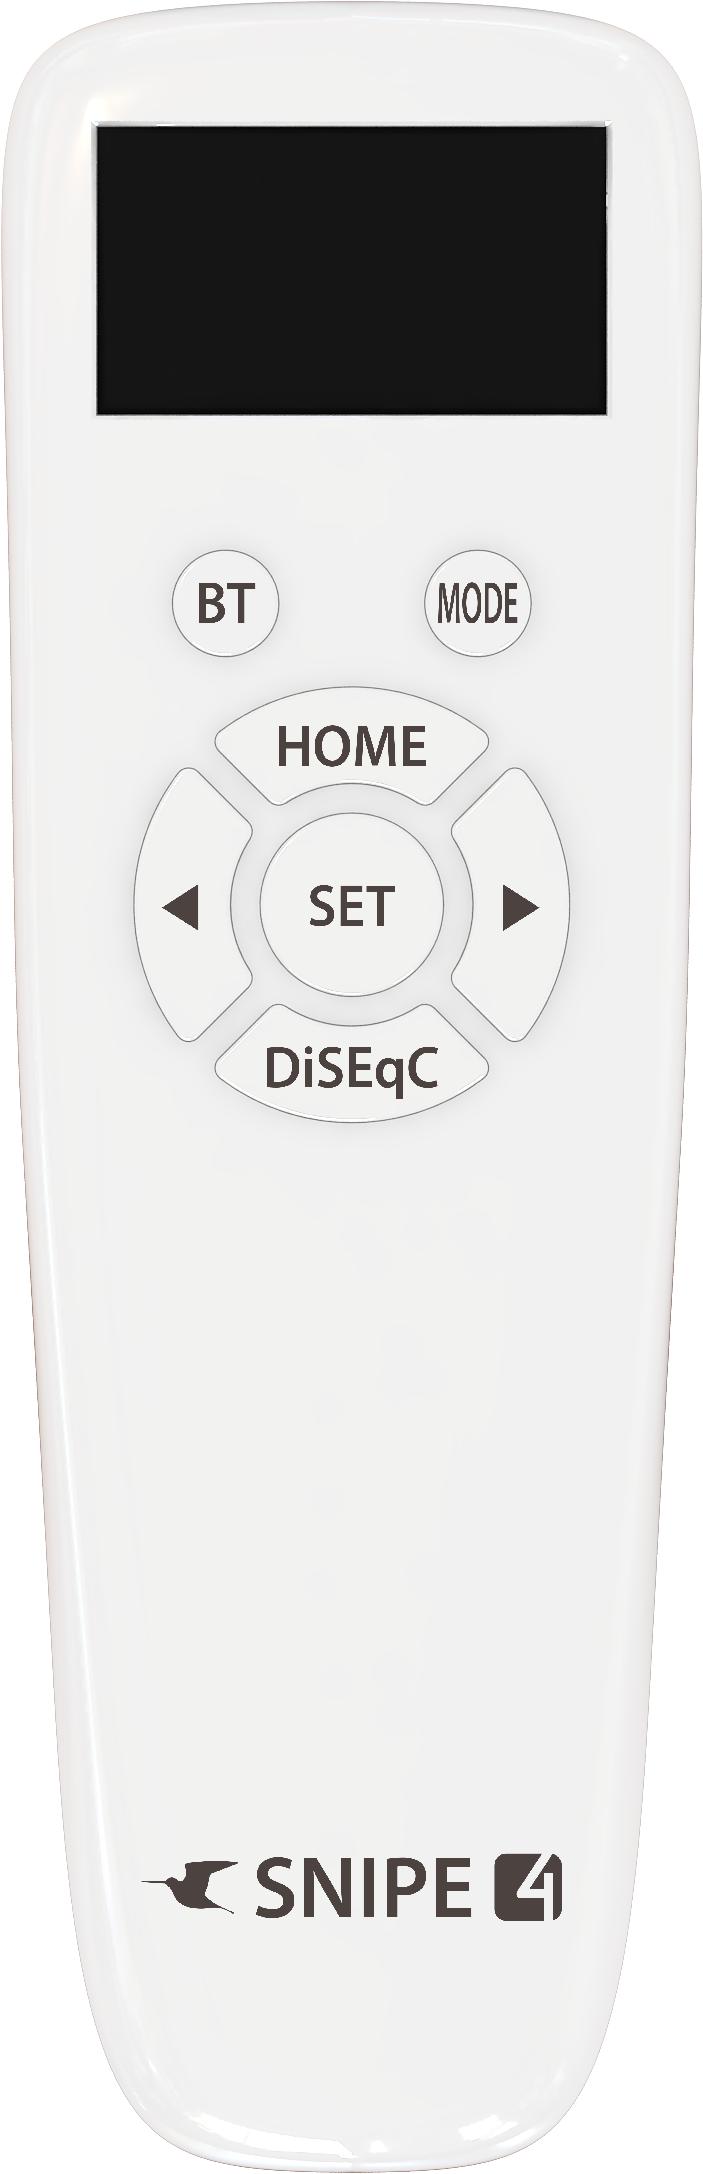 Selfsat SNIPE 4 - Twin - Mit Bluetooth Fernbedienung und iOS / Android Steuerung